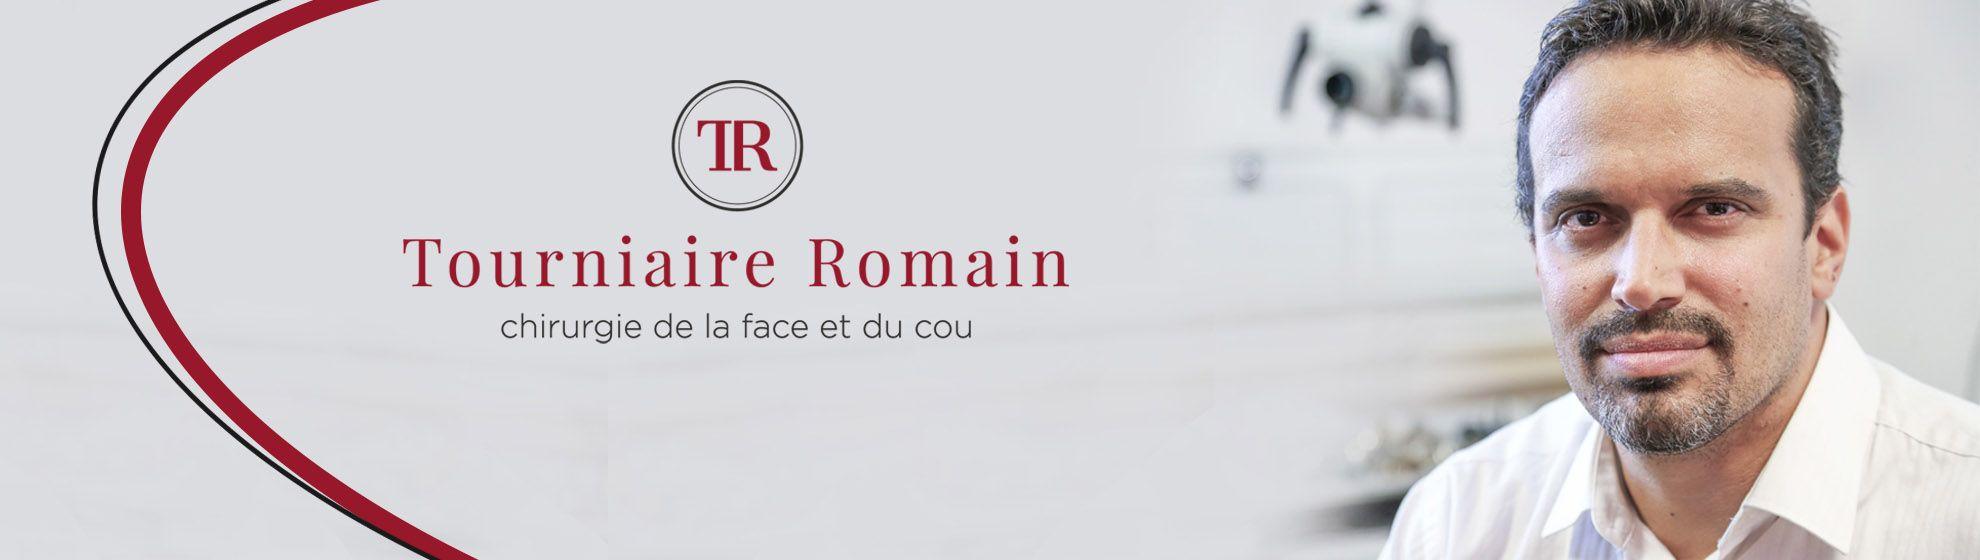 Dr Romain Tourniaire